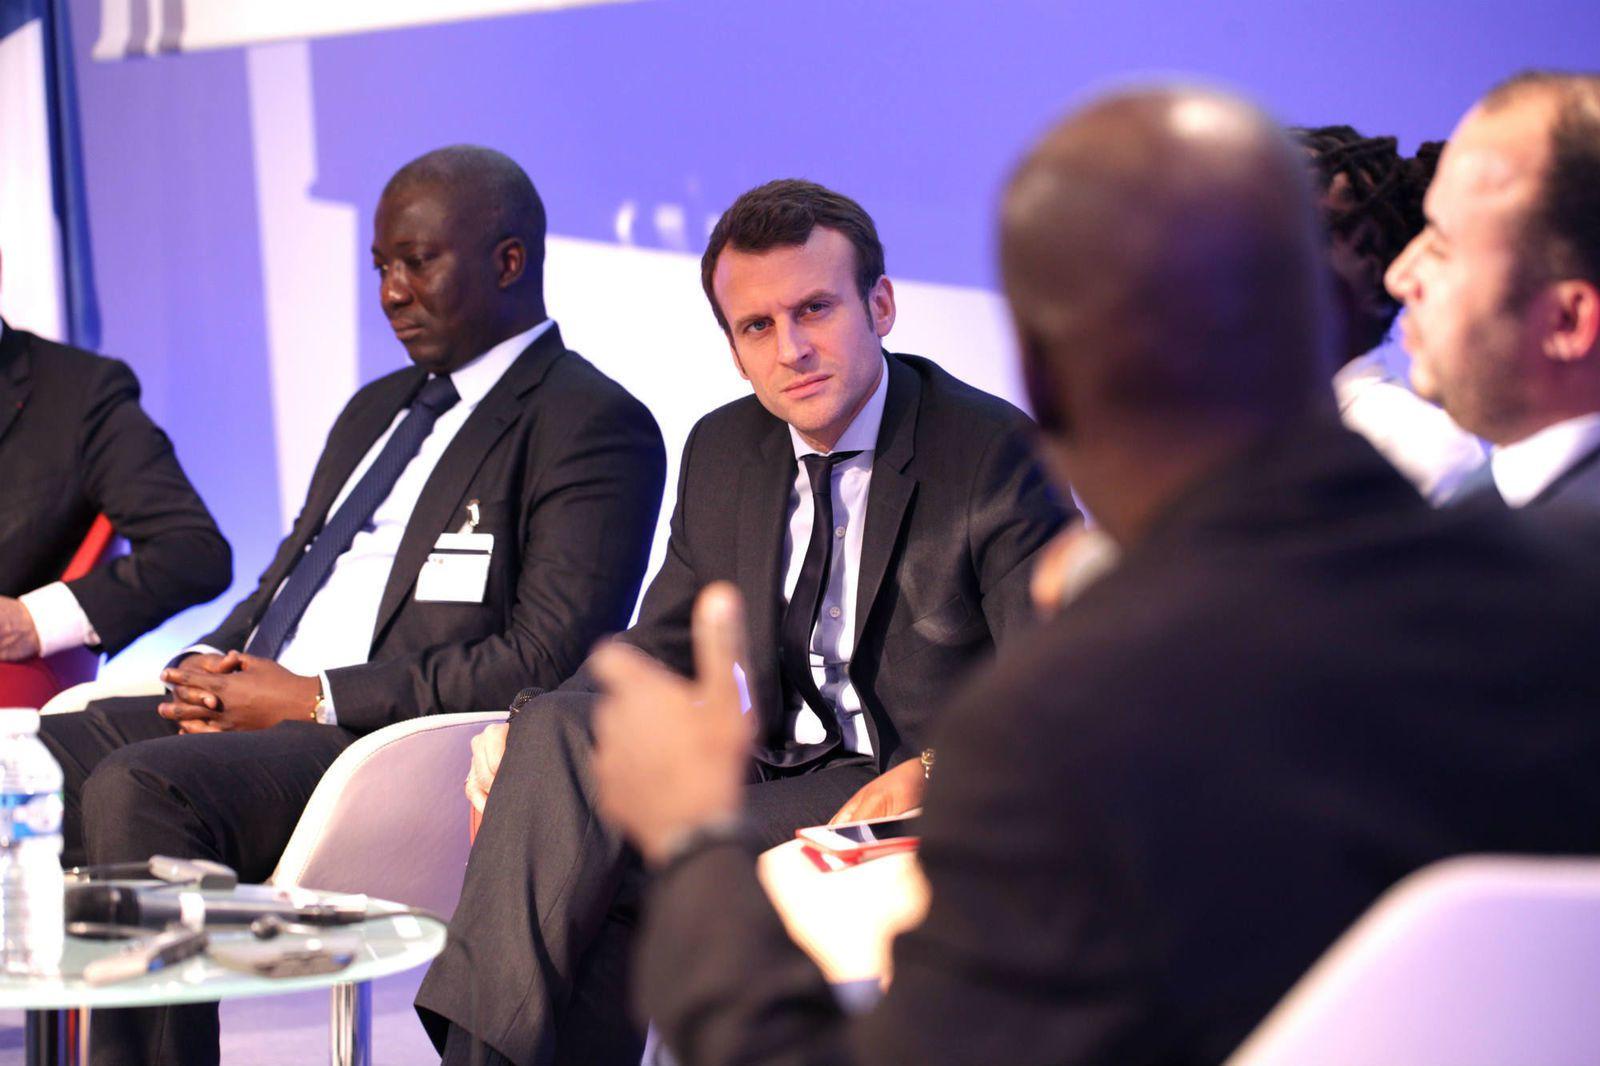 Adieu à la Françafrique : l'analyse de la politique africaine d'Emmanuel Macron par Nicolas Beau